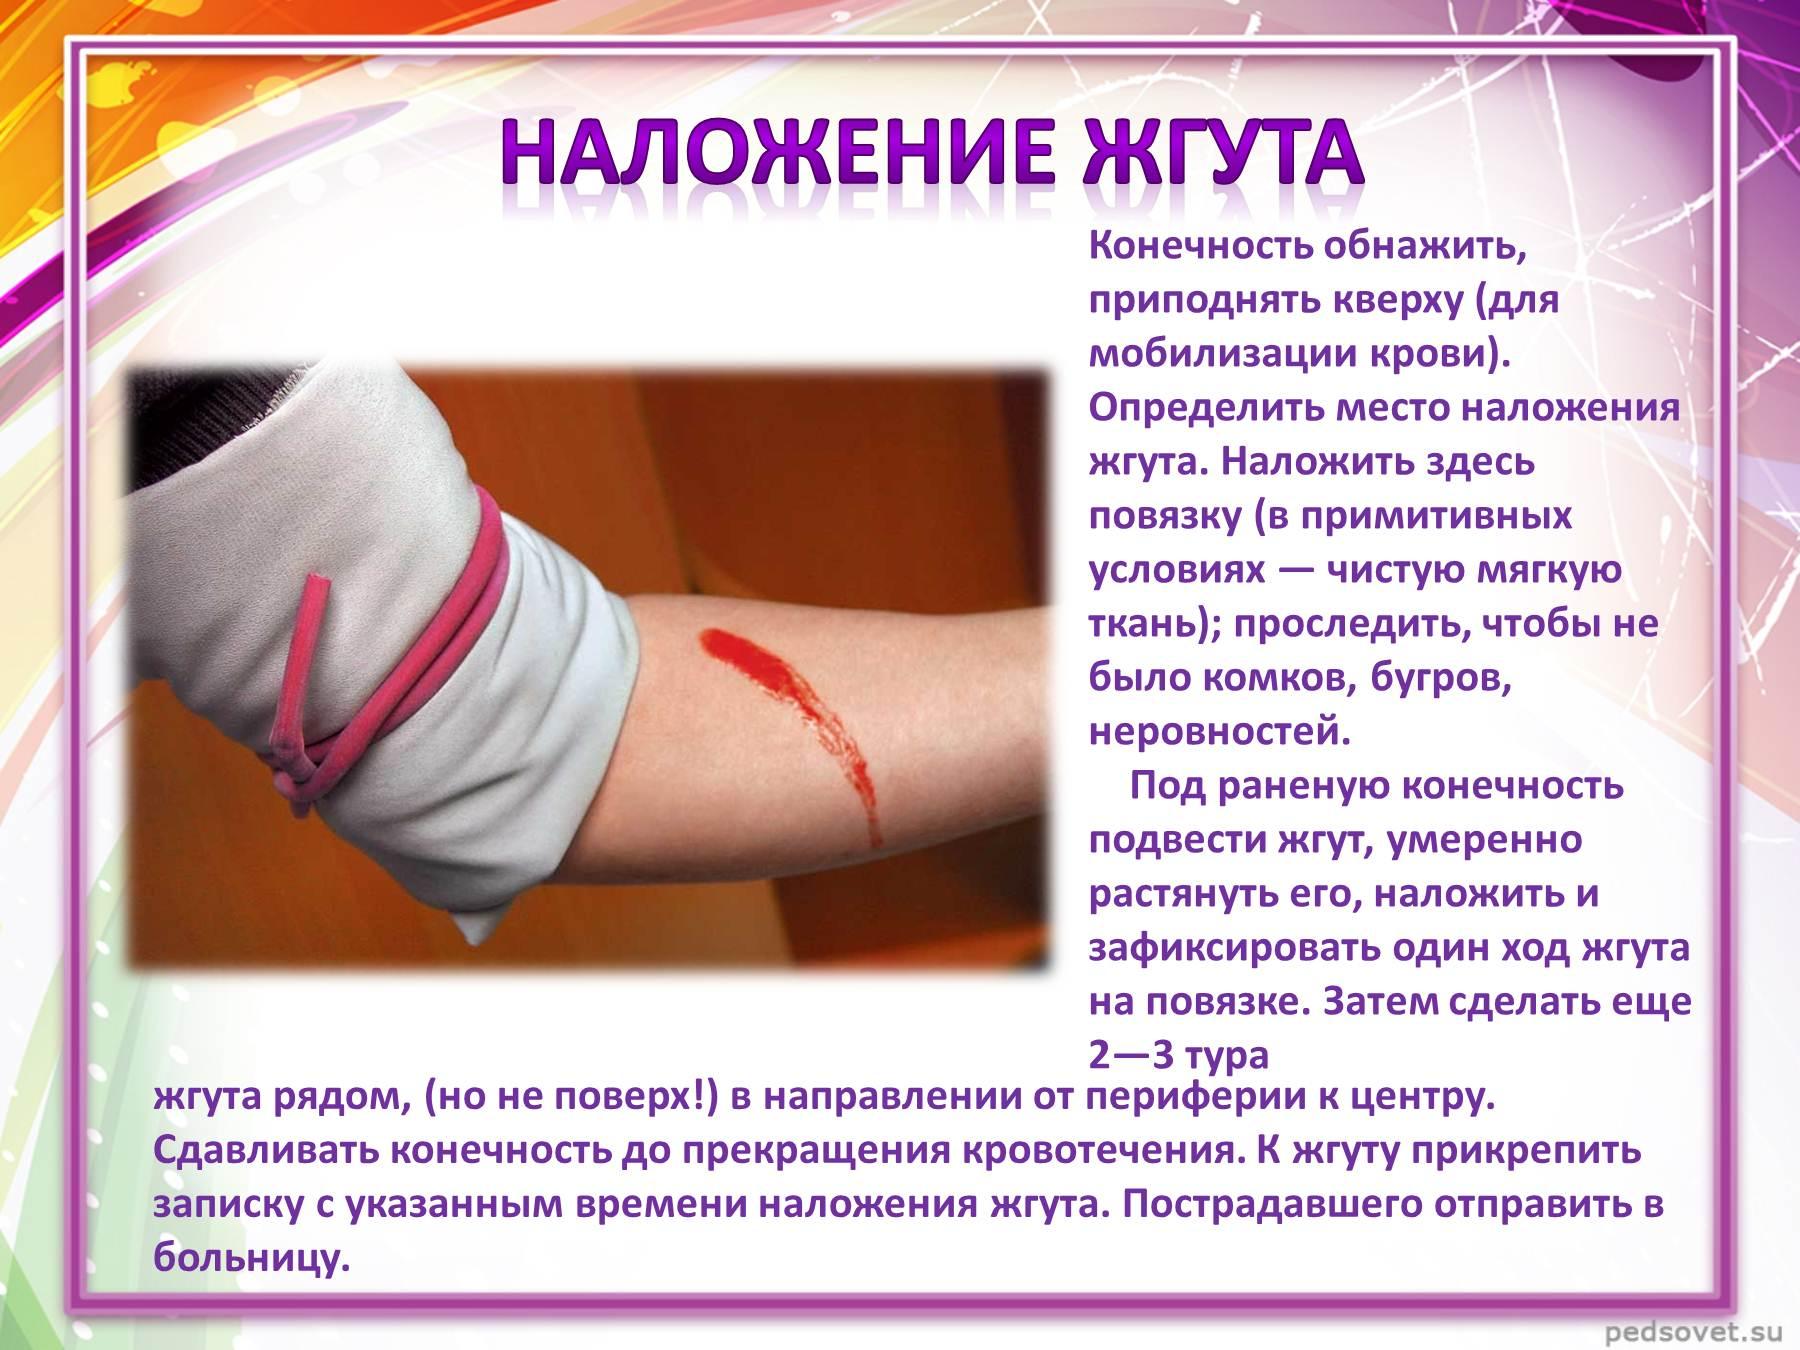 внешнее кровотечение, помощь